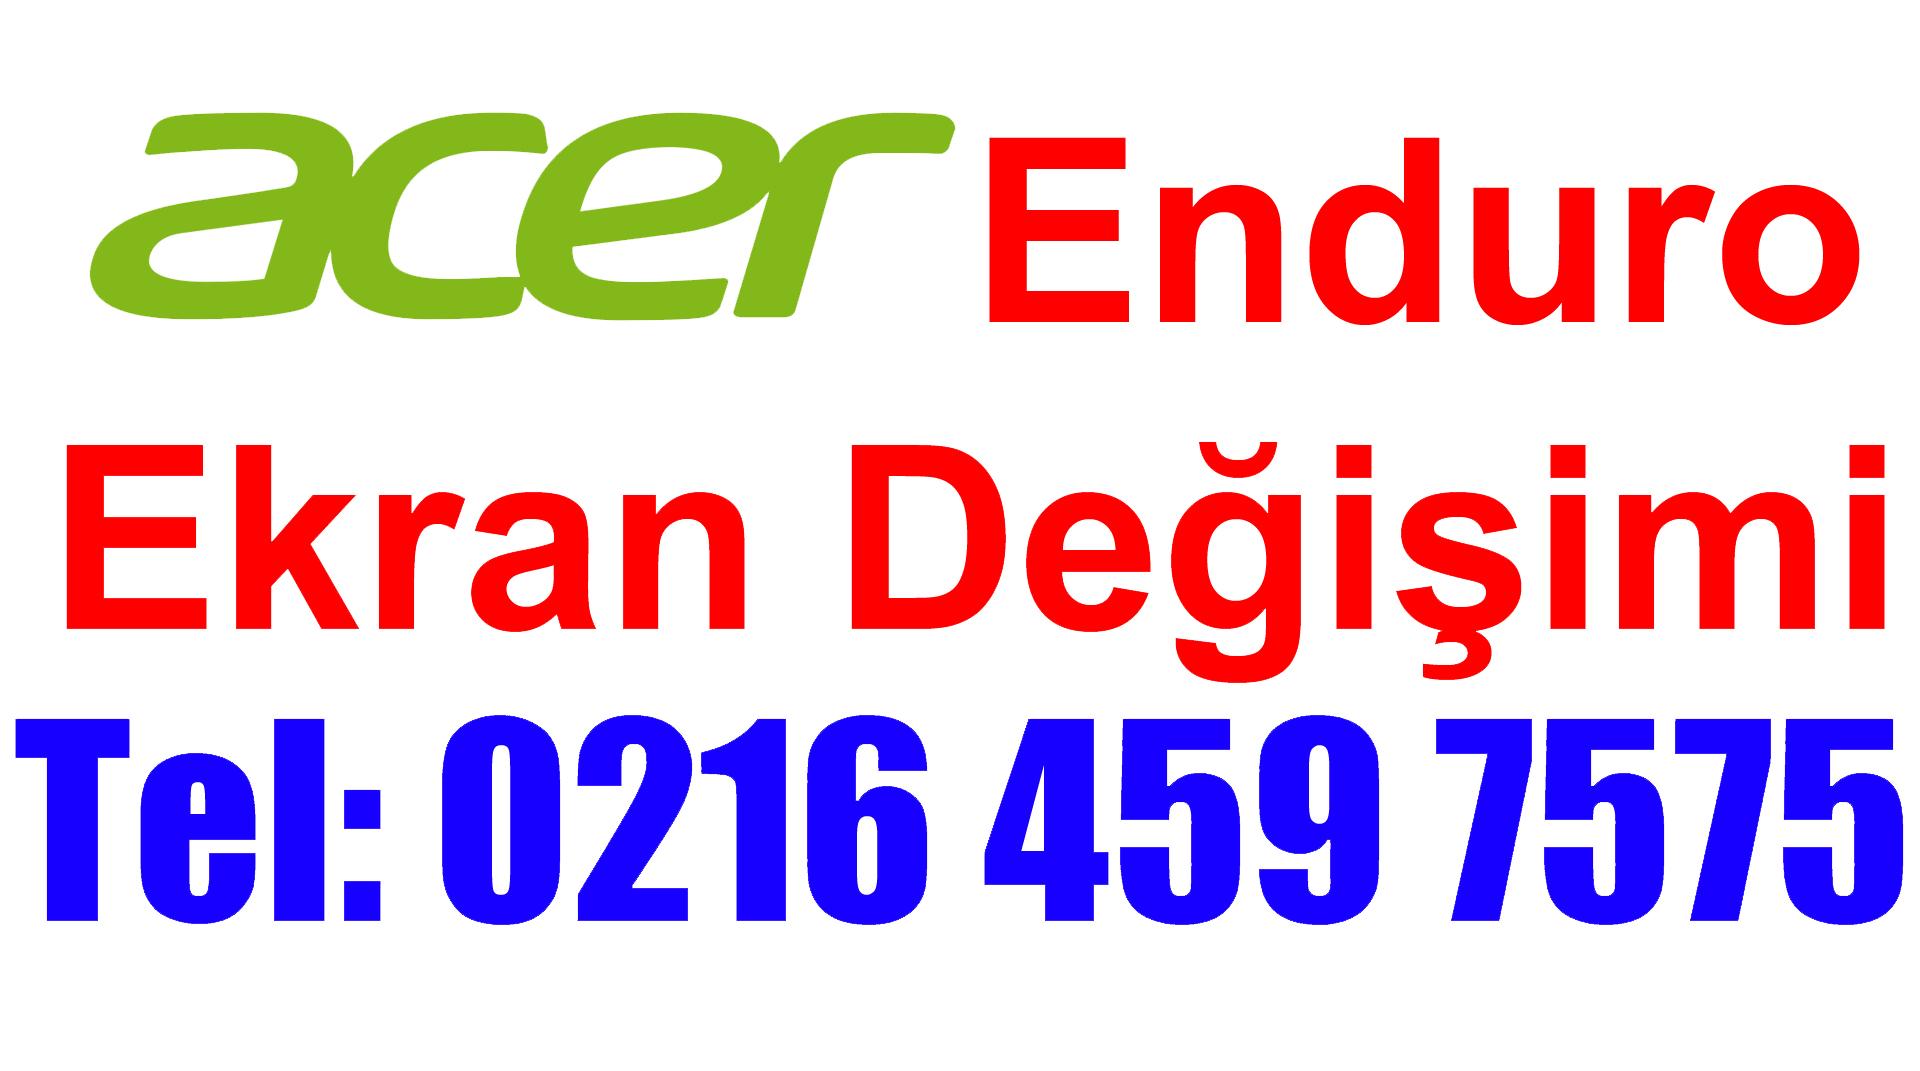 Acer Enduro Ekran Değişimi